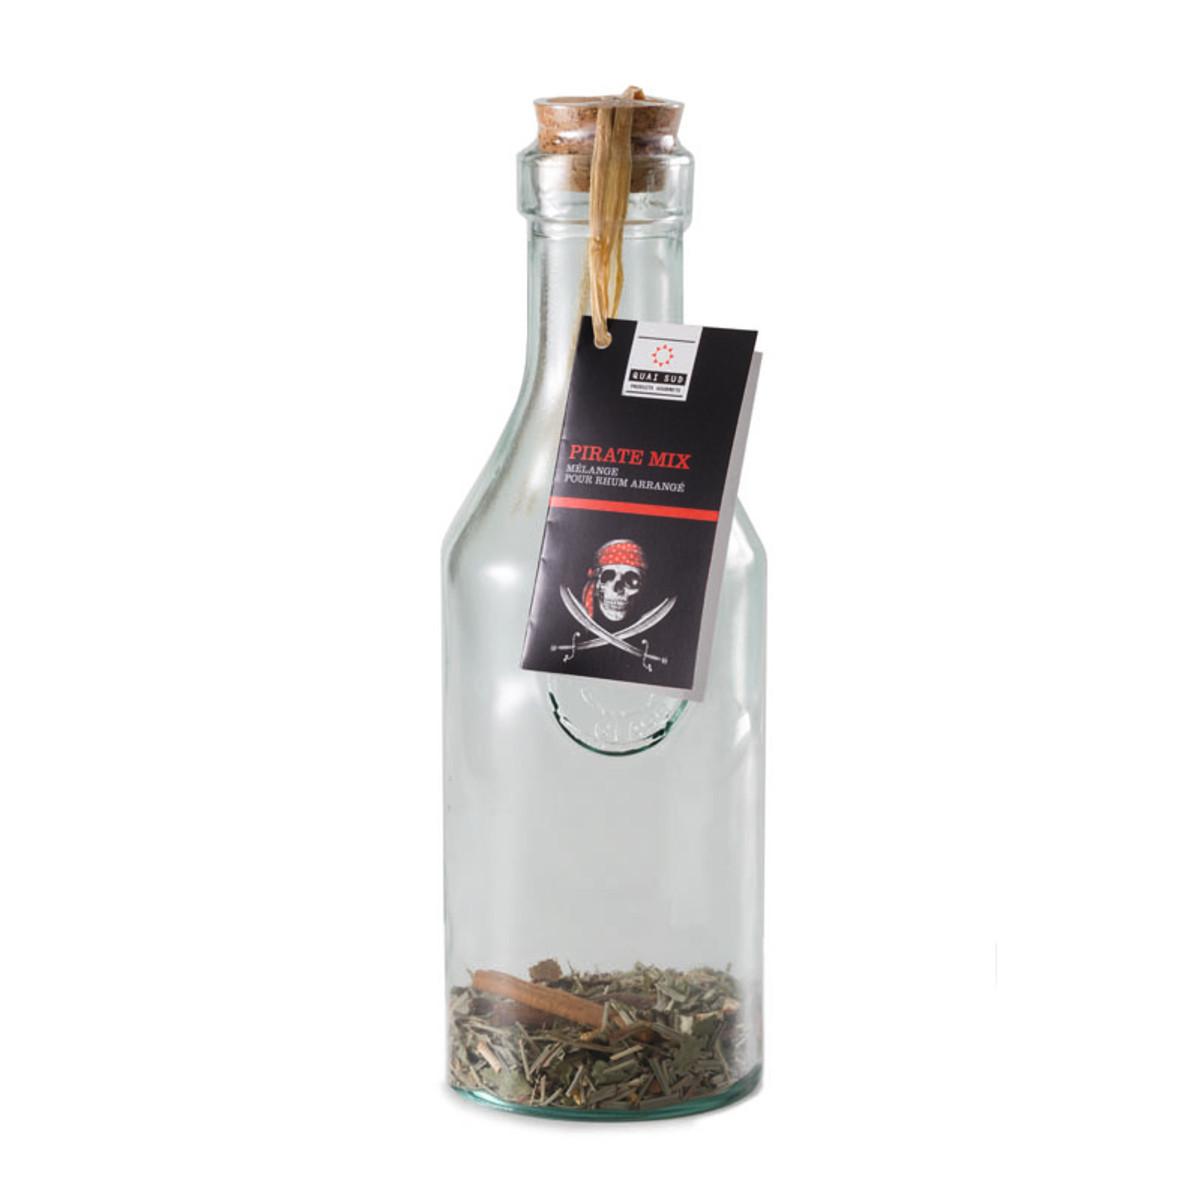 Piratenrum – Gewürzmischung mit Flasche